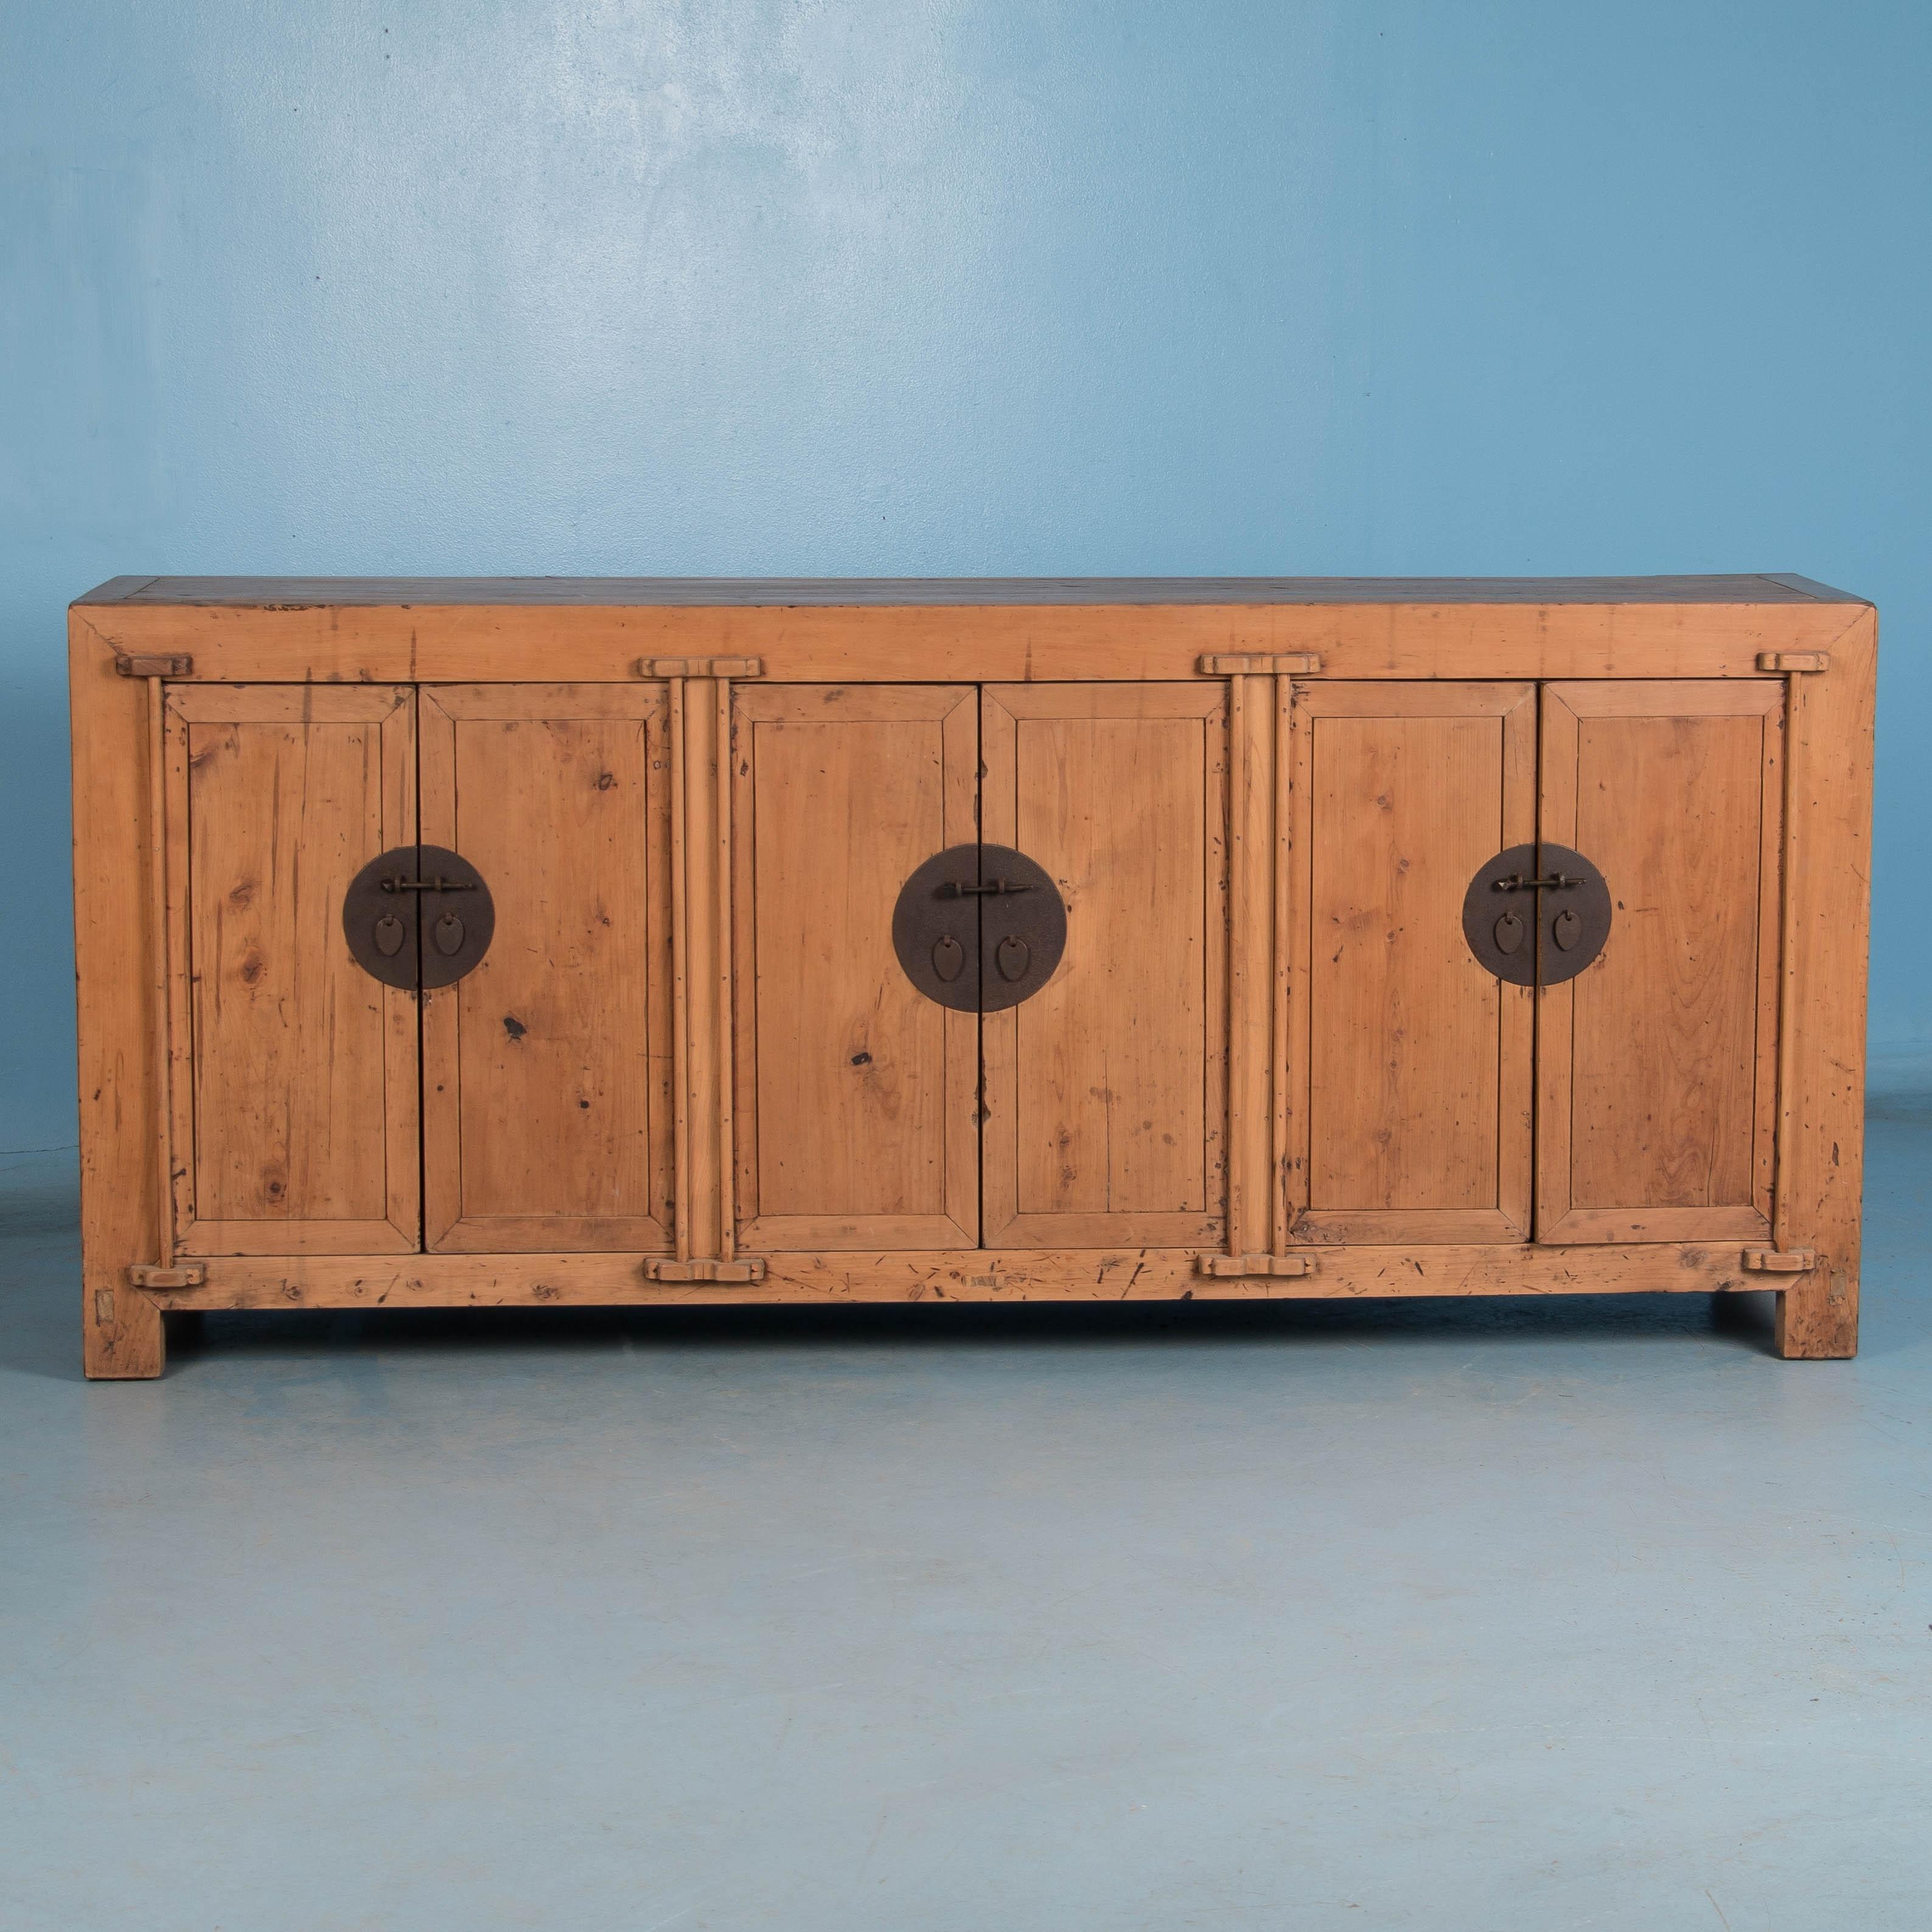 Sideboards | Scandinavian Antiques | Antique Furniture For Sale inside Natural Oak Wood 78 Inch Sideboards (Image 27 of 30)